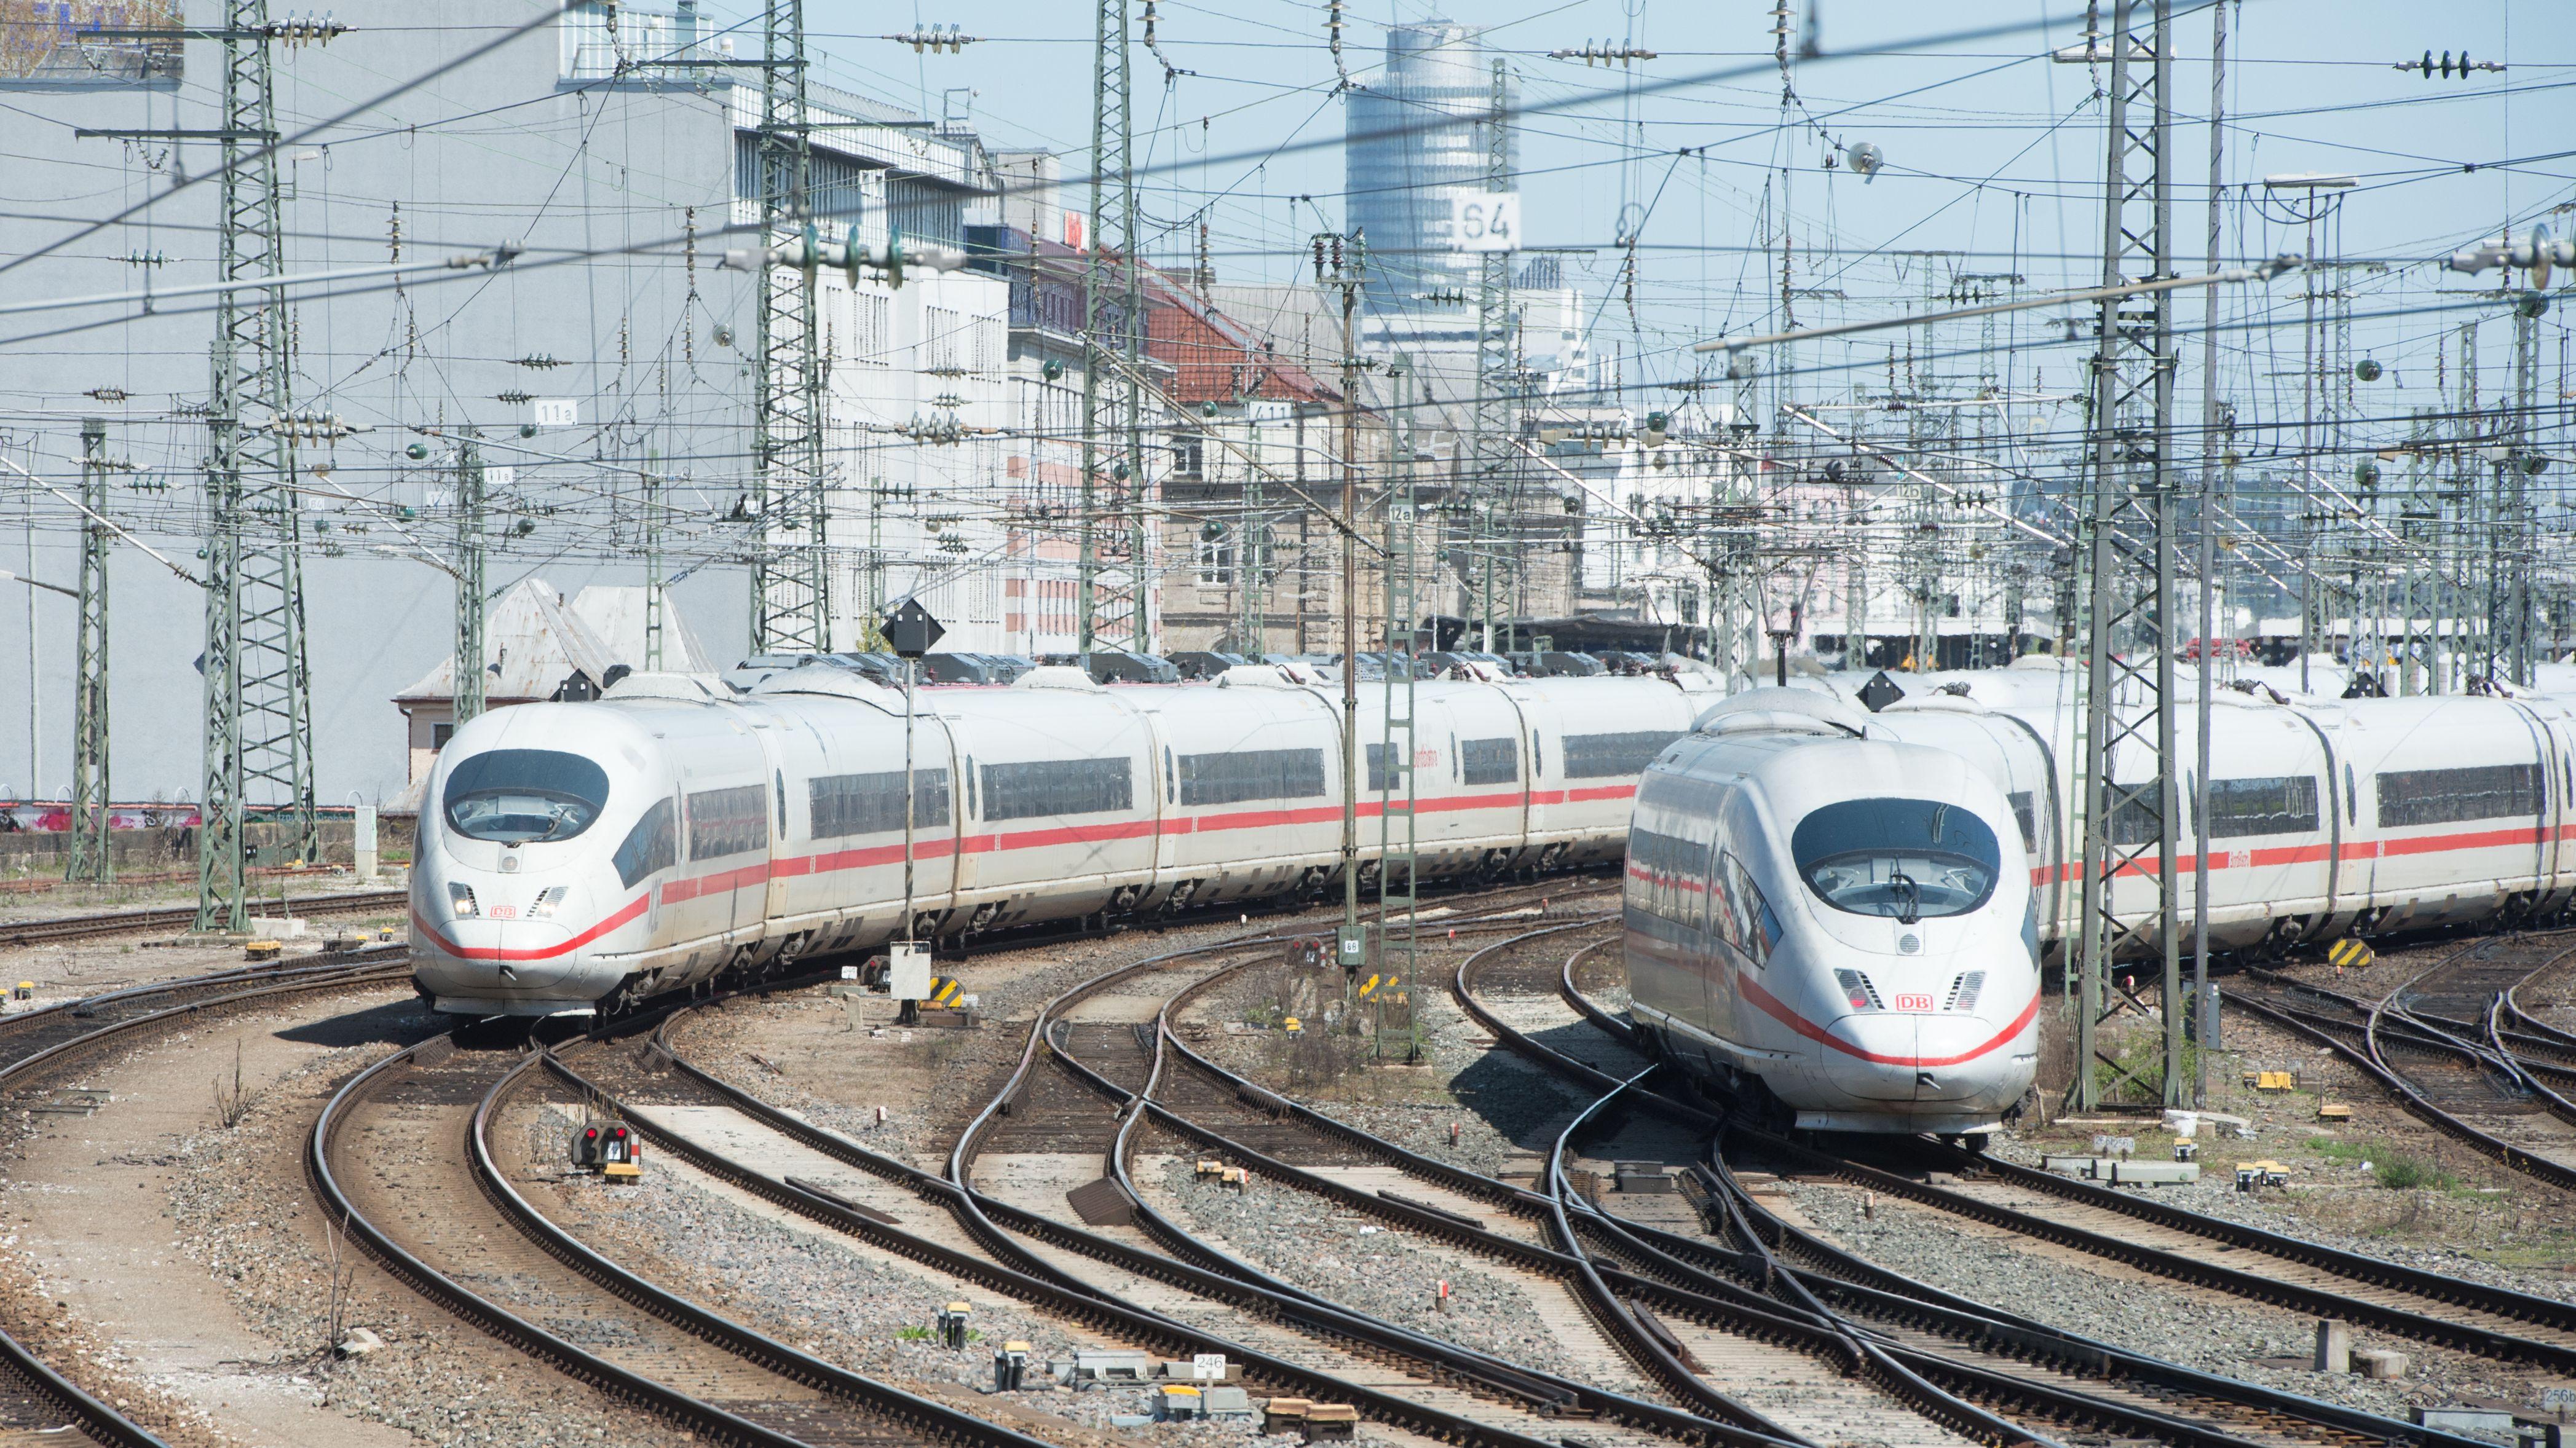 Zwei ICE-Züge fahren in Nürnberg über die Gleise.